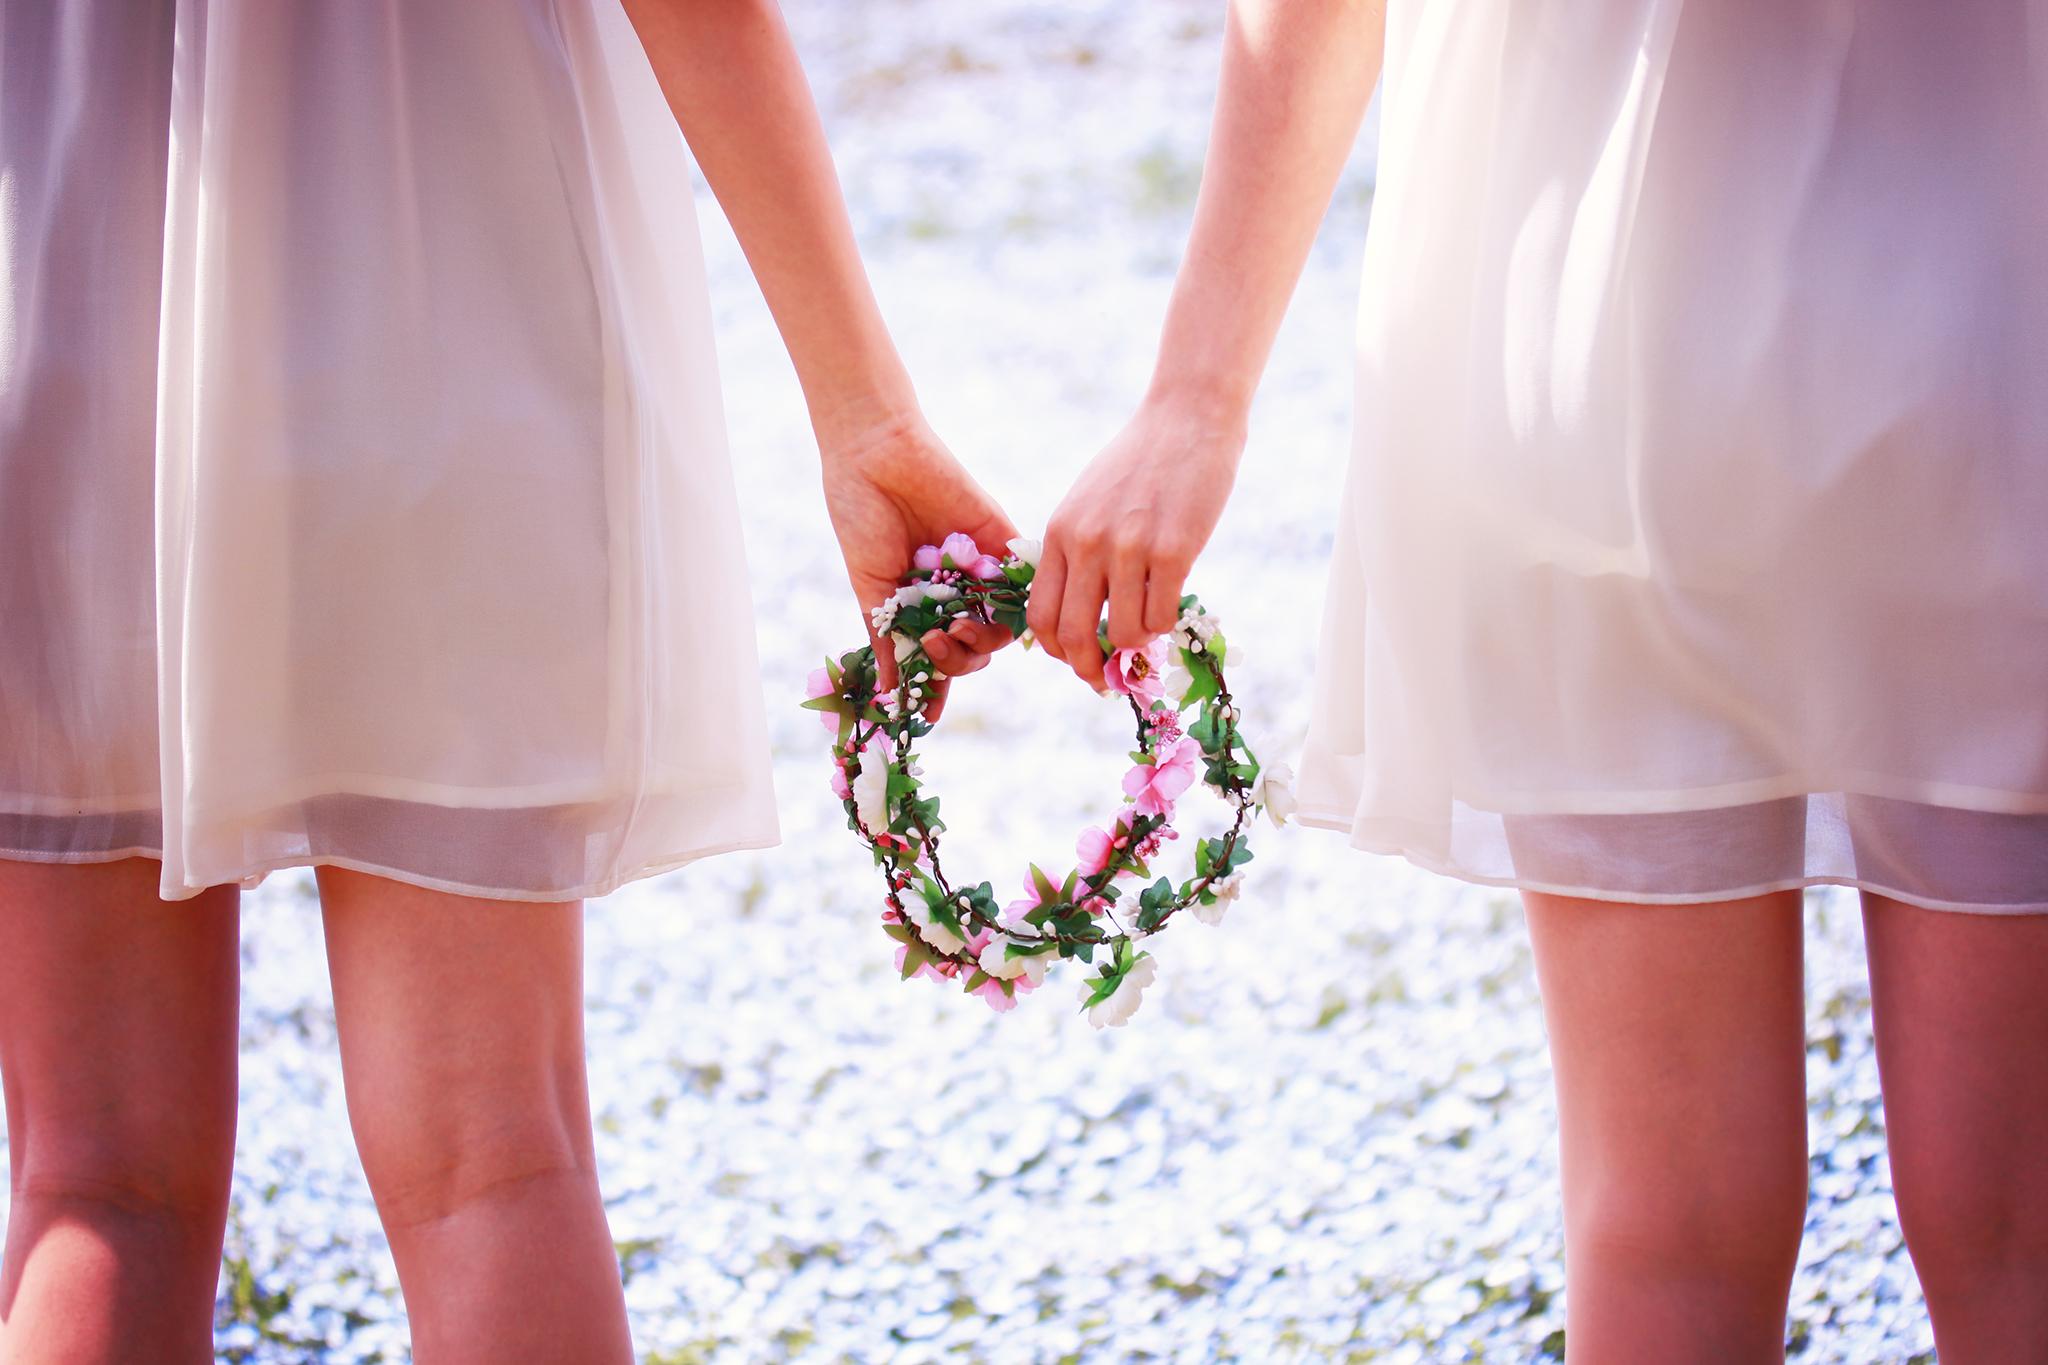 イベント、パーティー、結婚式に重宝する、可愛いヘッドセット、花冠